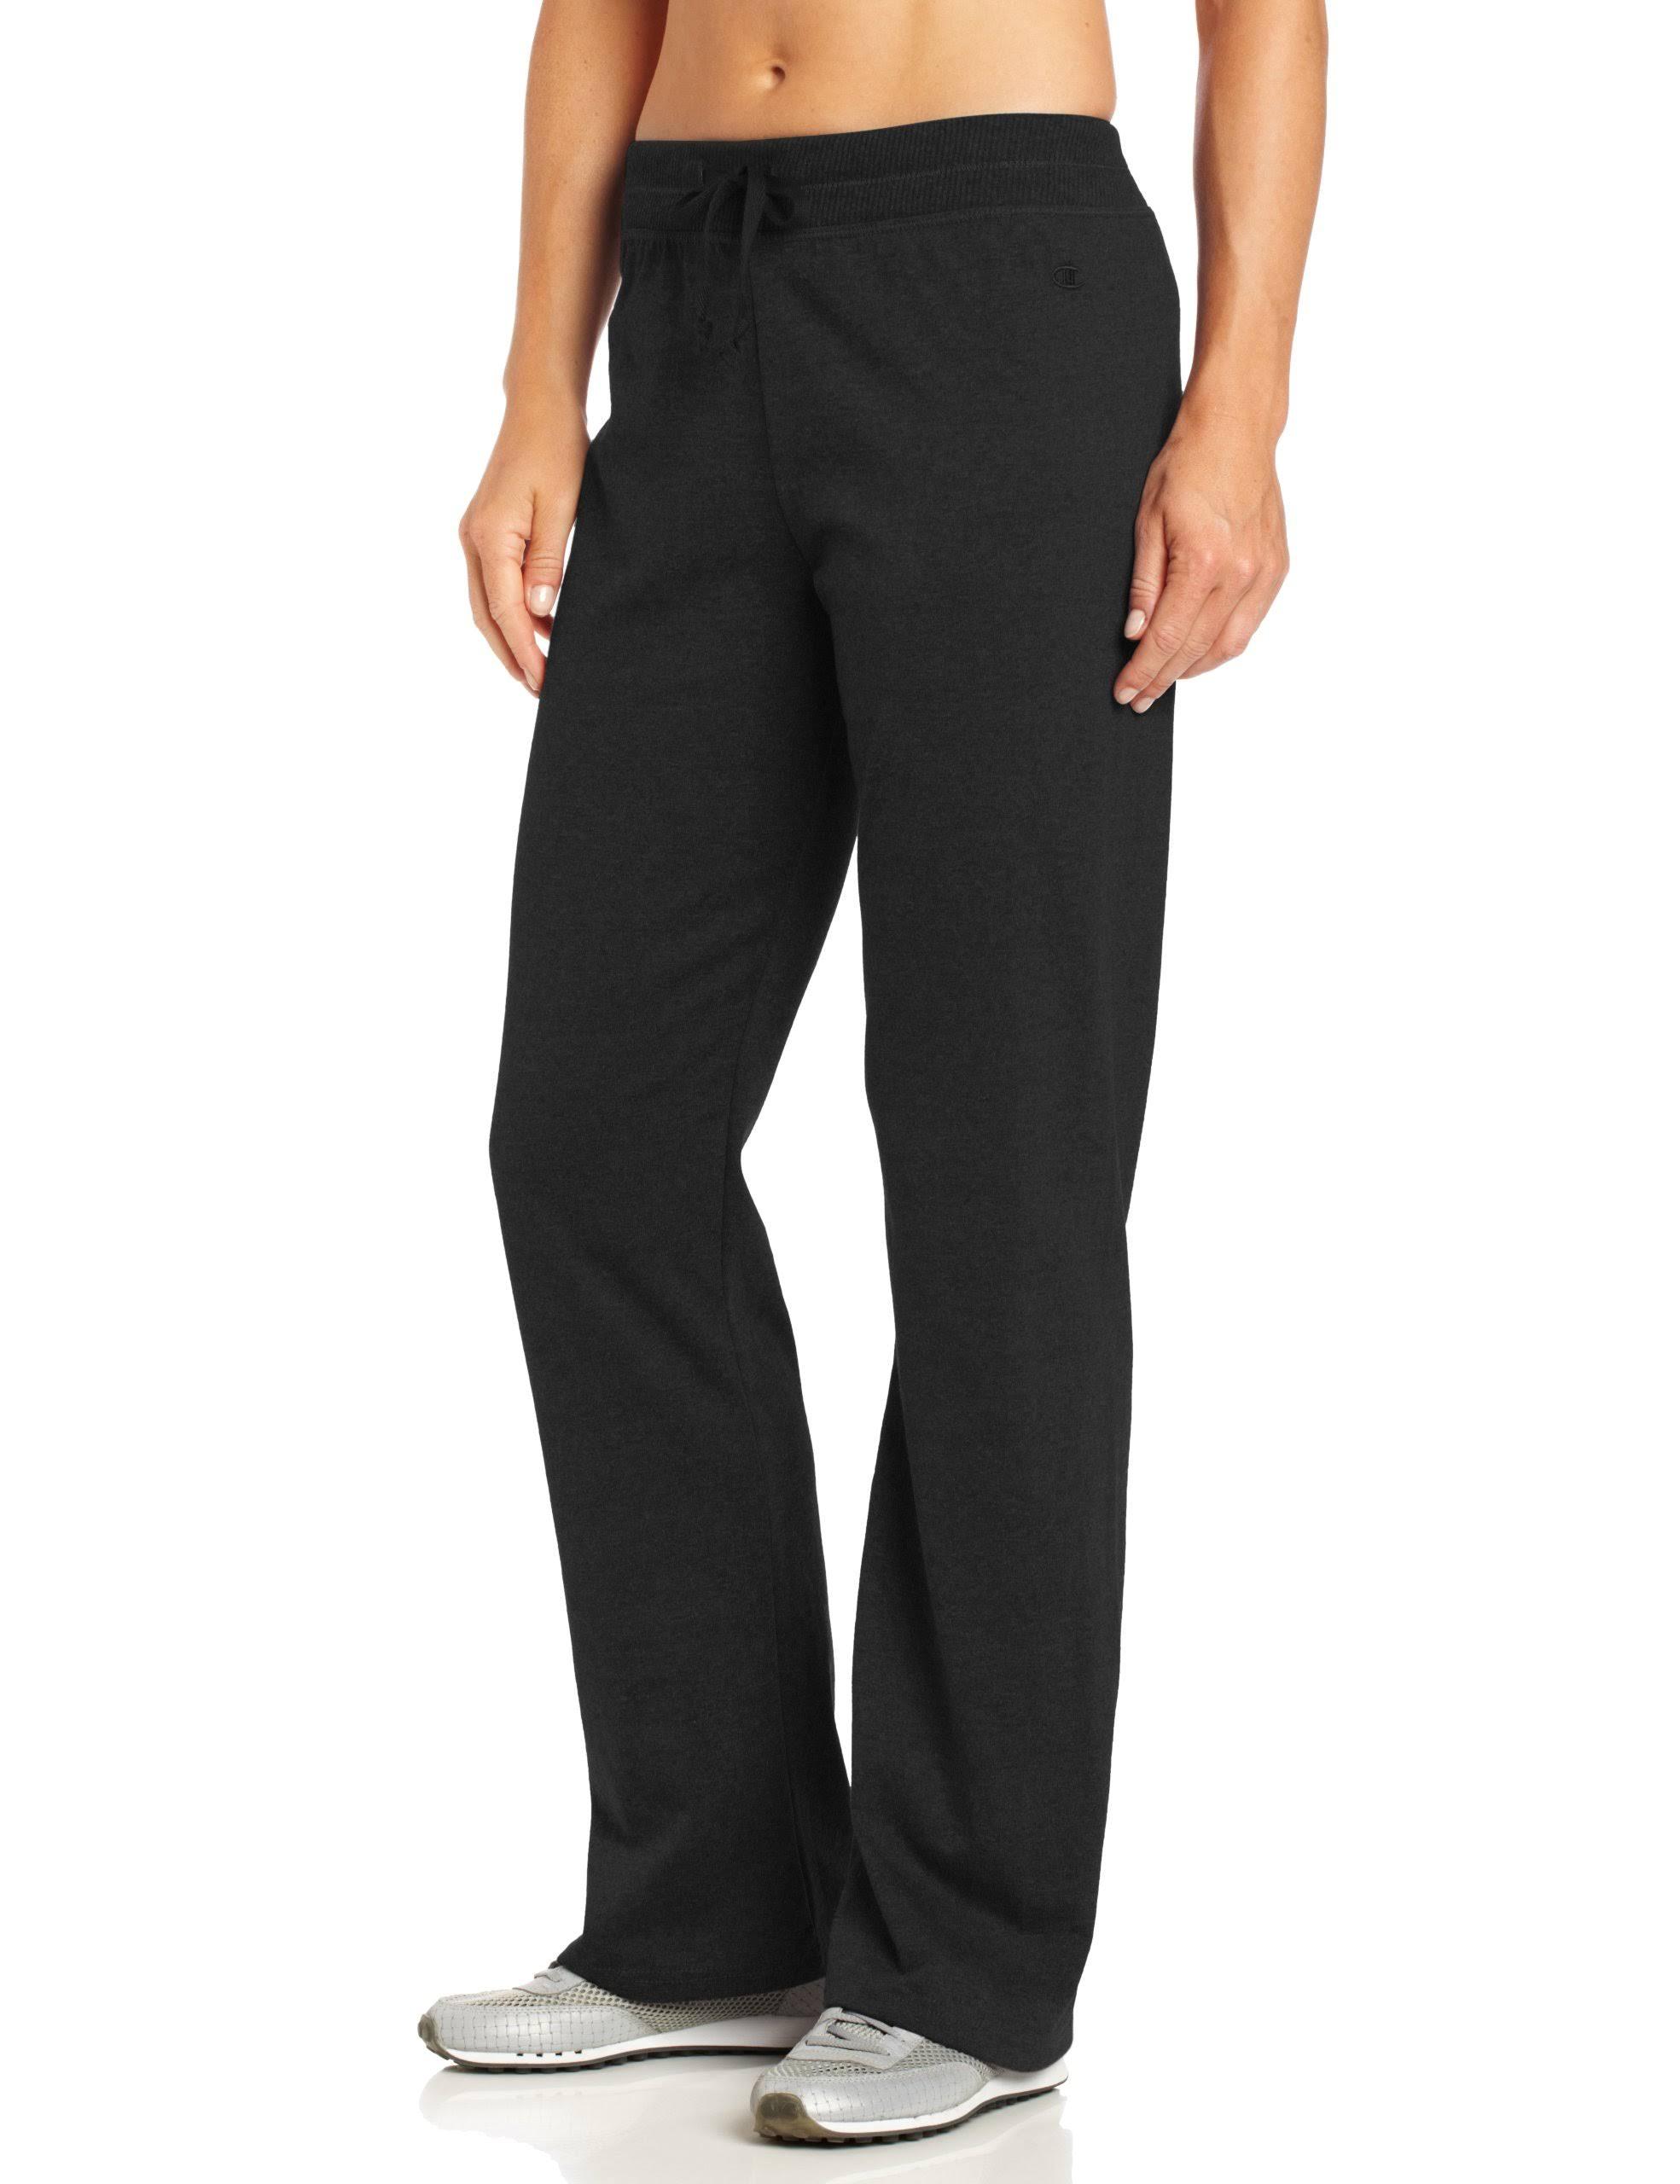 Favorite Jersey Cotton Pantaloni Champion 8280 donna da A34Rjq5cL